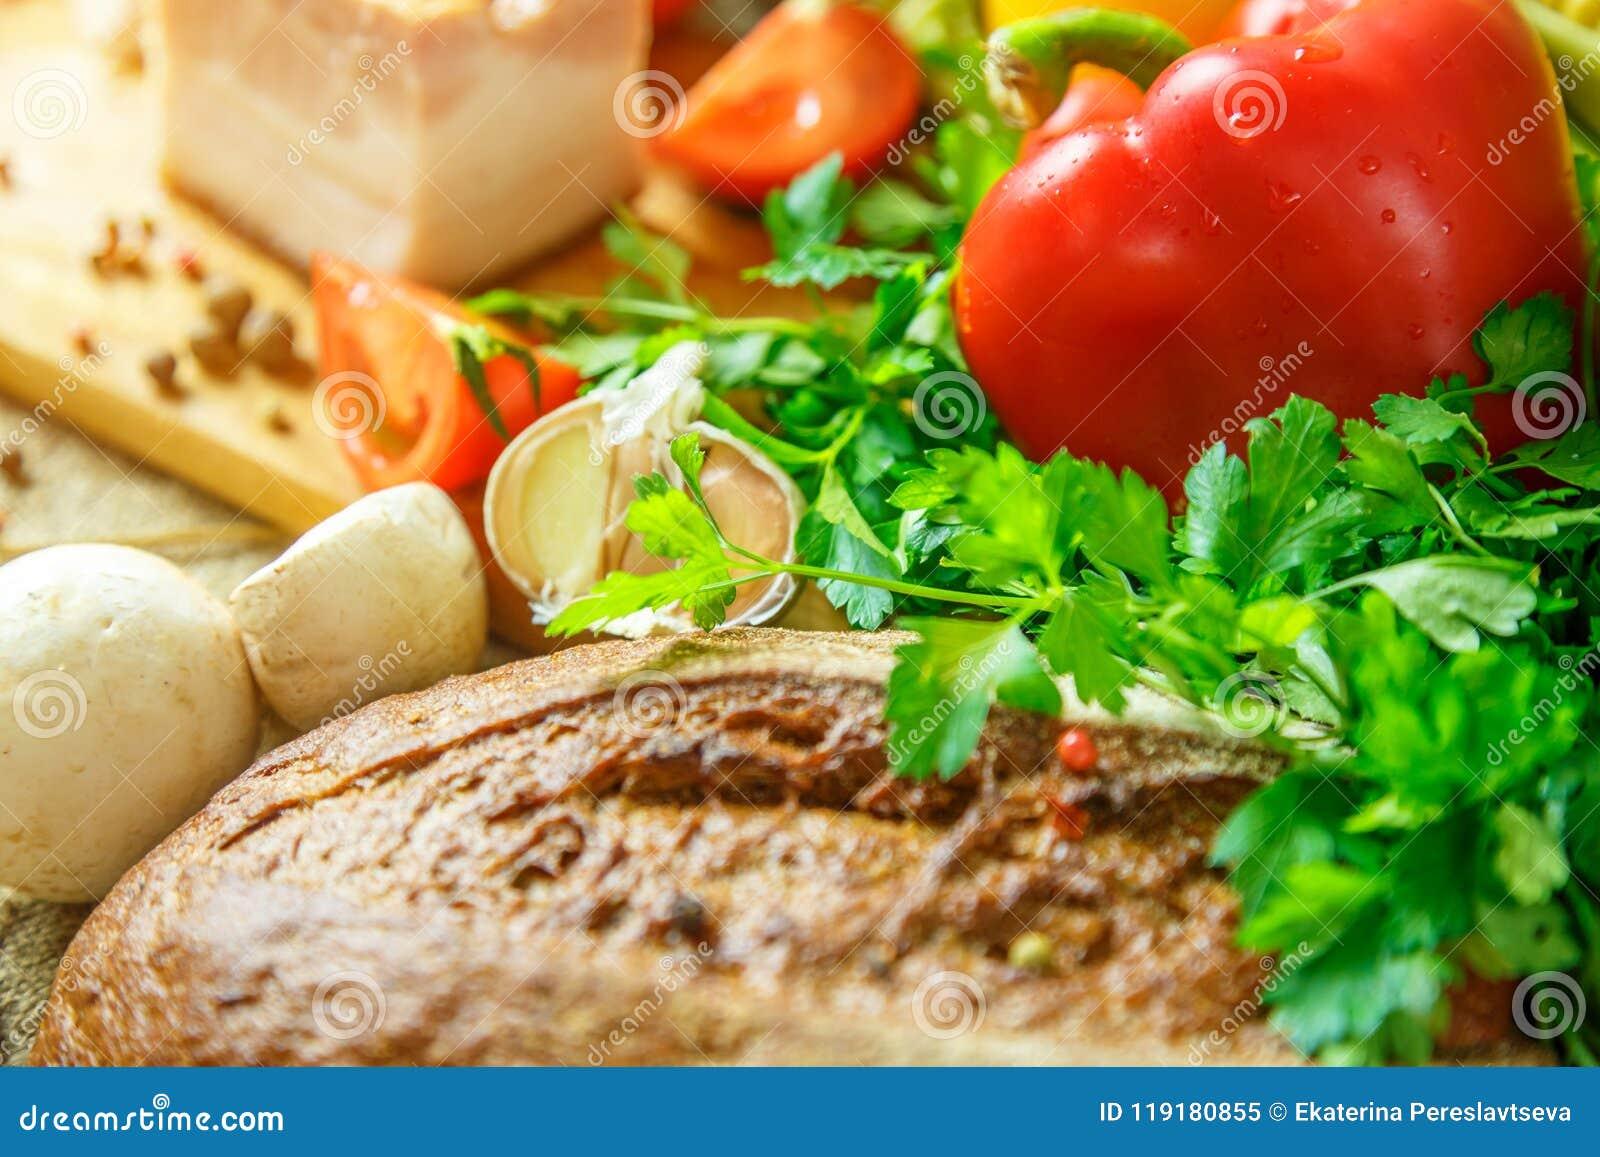 Todavía vida de verduras, de tomates, del ajo y de hierbas